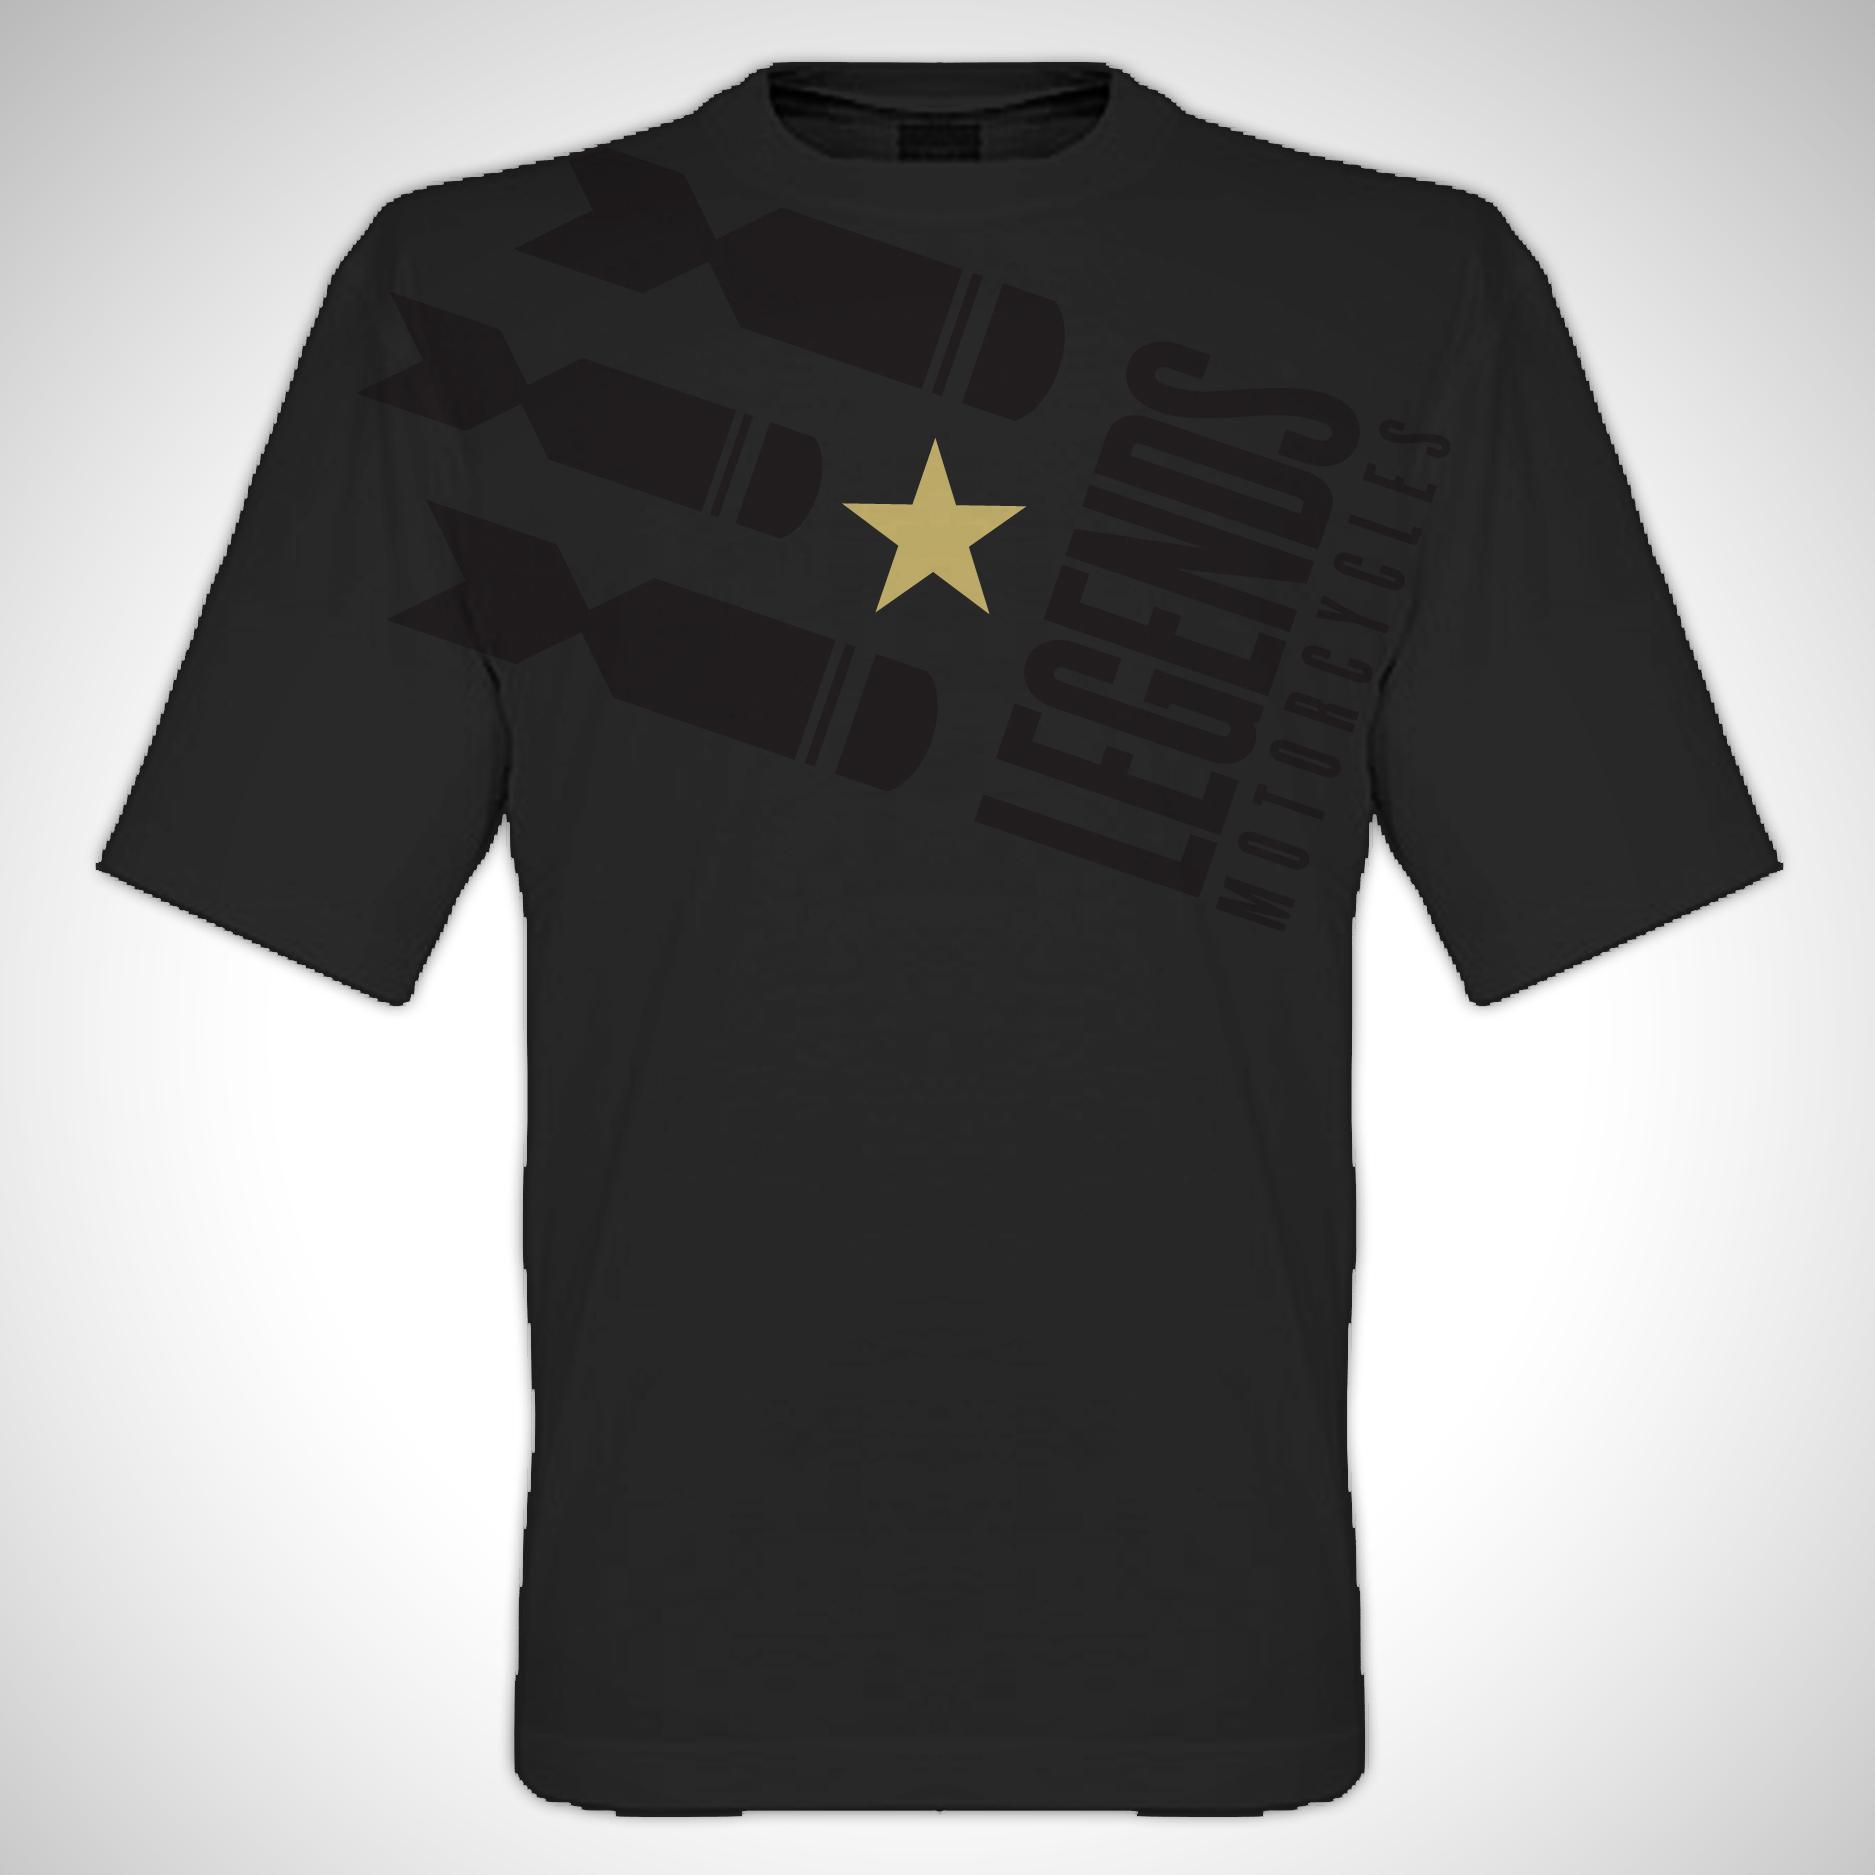 T Shirt design WEB.jpg